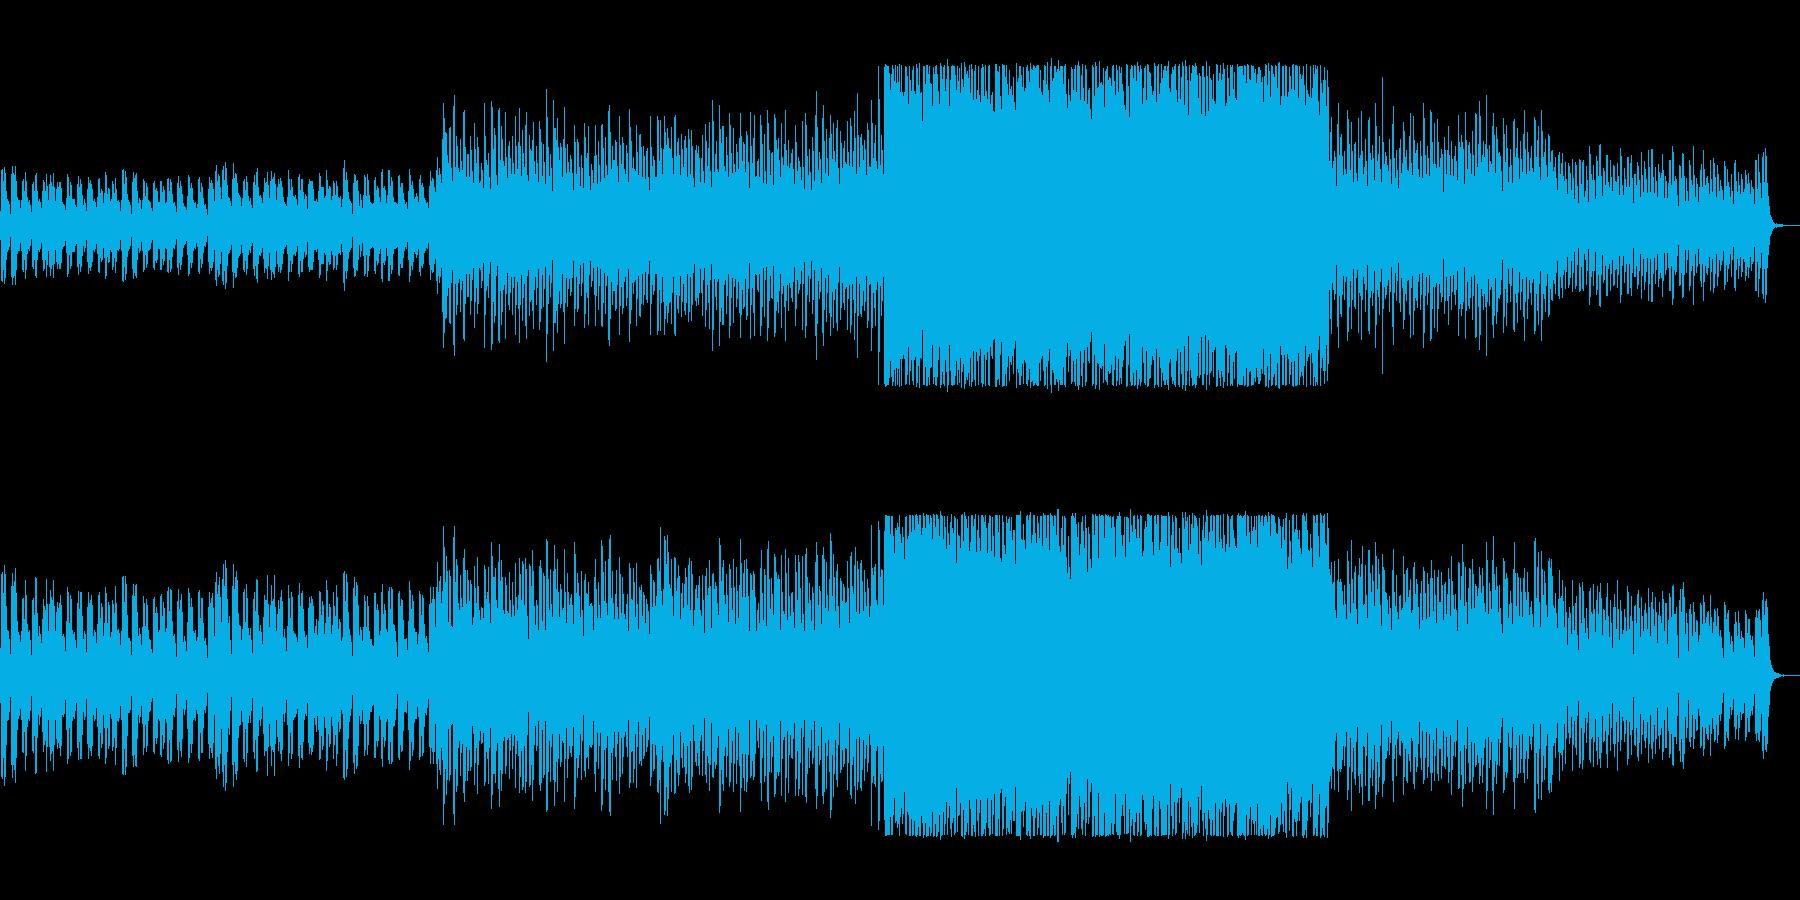 ポップで煌びやかなクリスマス風サウンドの再生済みの波形